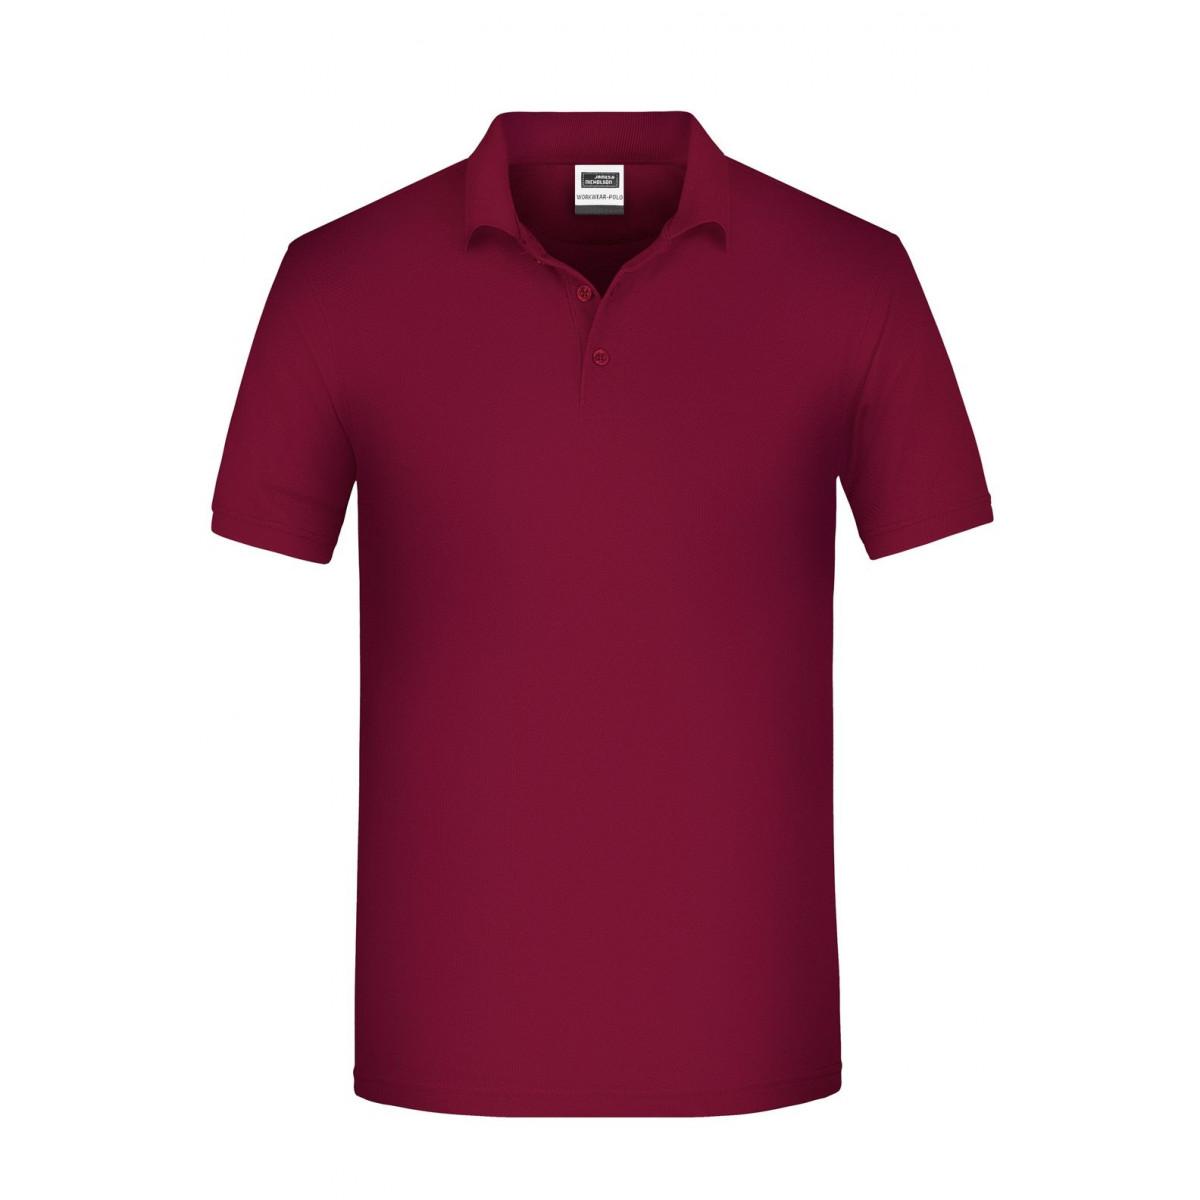 Рубашка поло мужская JN874 Mens BIO Workwear Polo - Бордовый